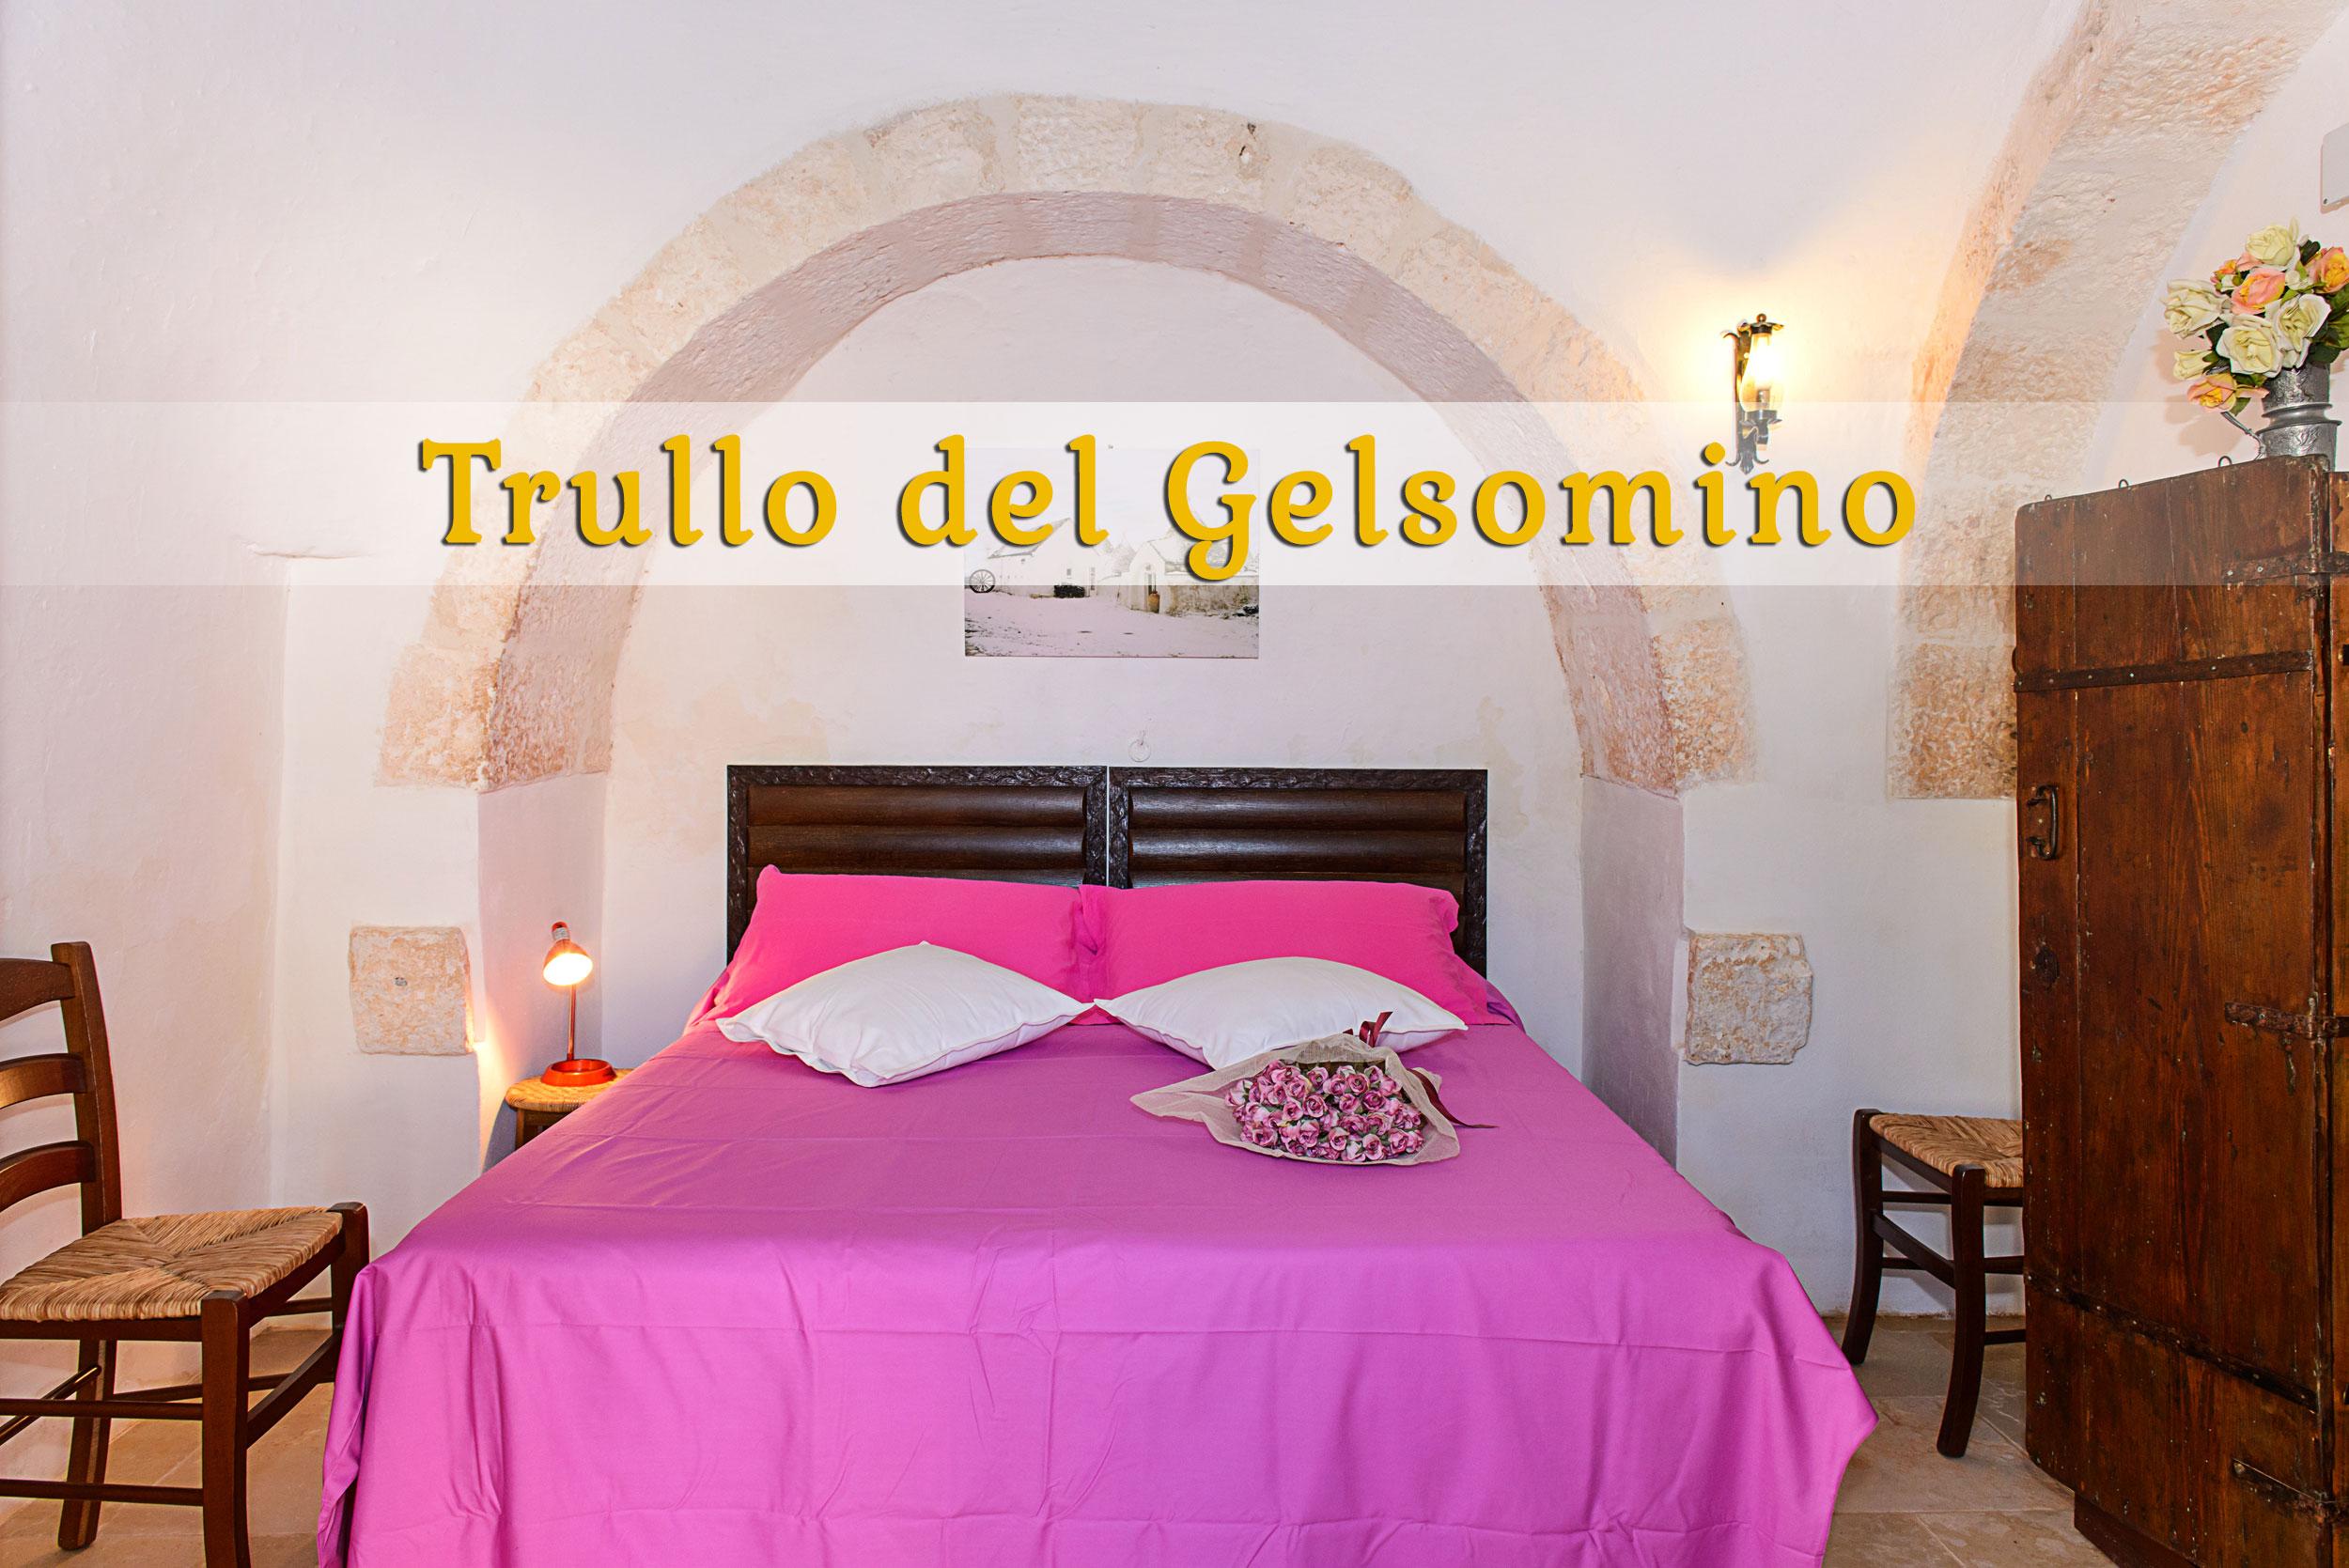 Trulli del Gelsomino | B&B Martina Franca